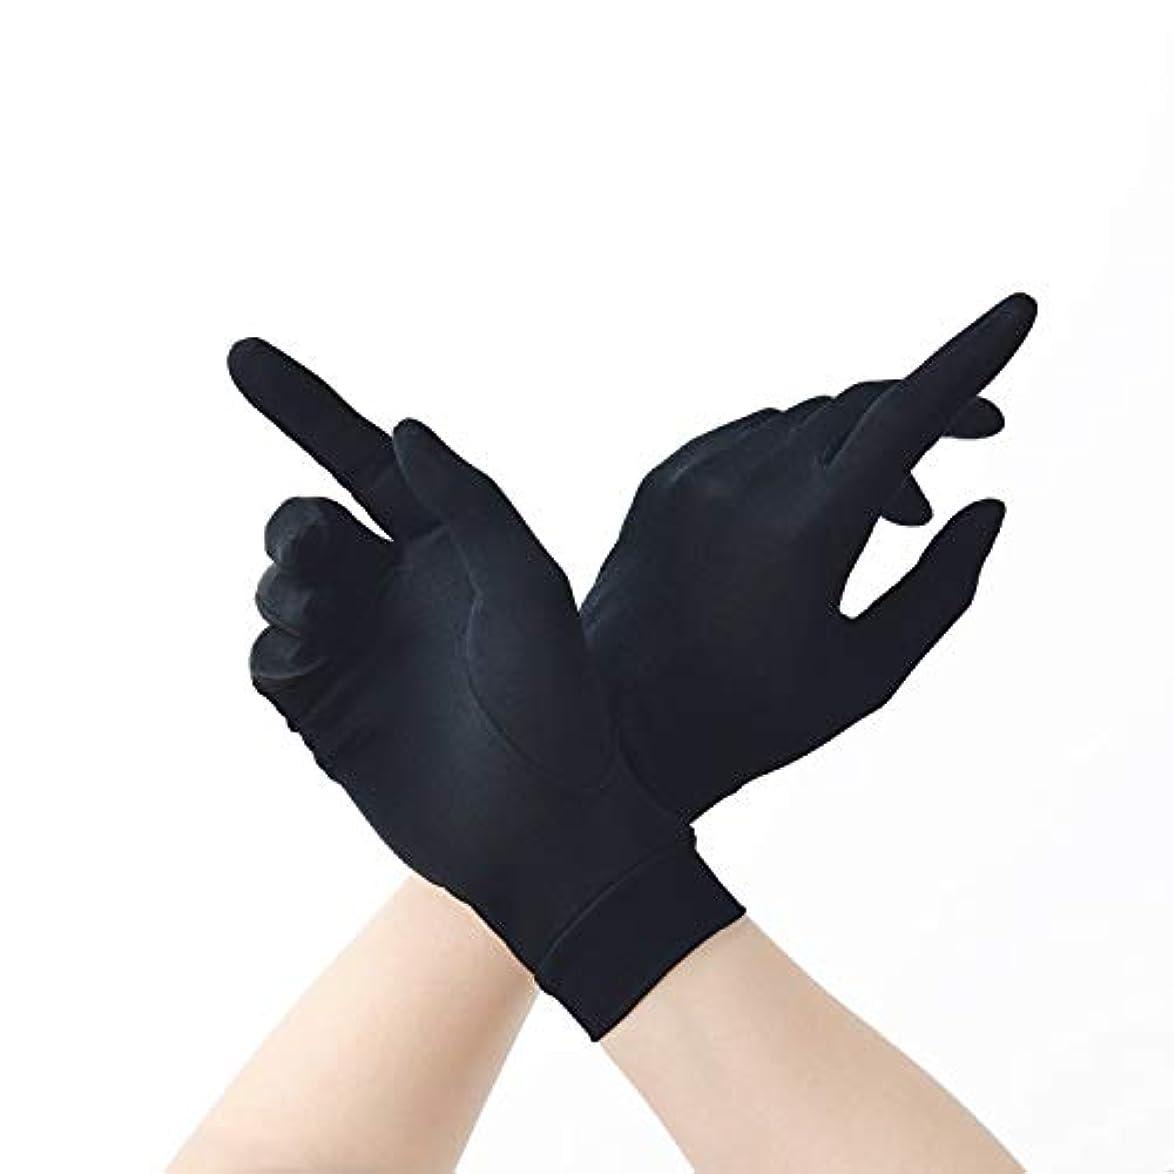 ポルノゼロ骨の折れる保湿 夏 ハンド 手袋 シルク 紫外線 日焼け防止 手荒い おやすみ 手触りが良い ケア レディース